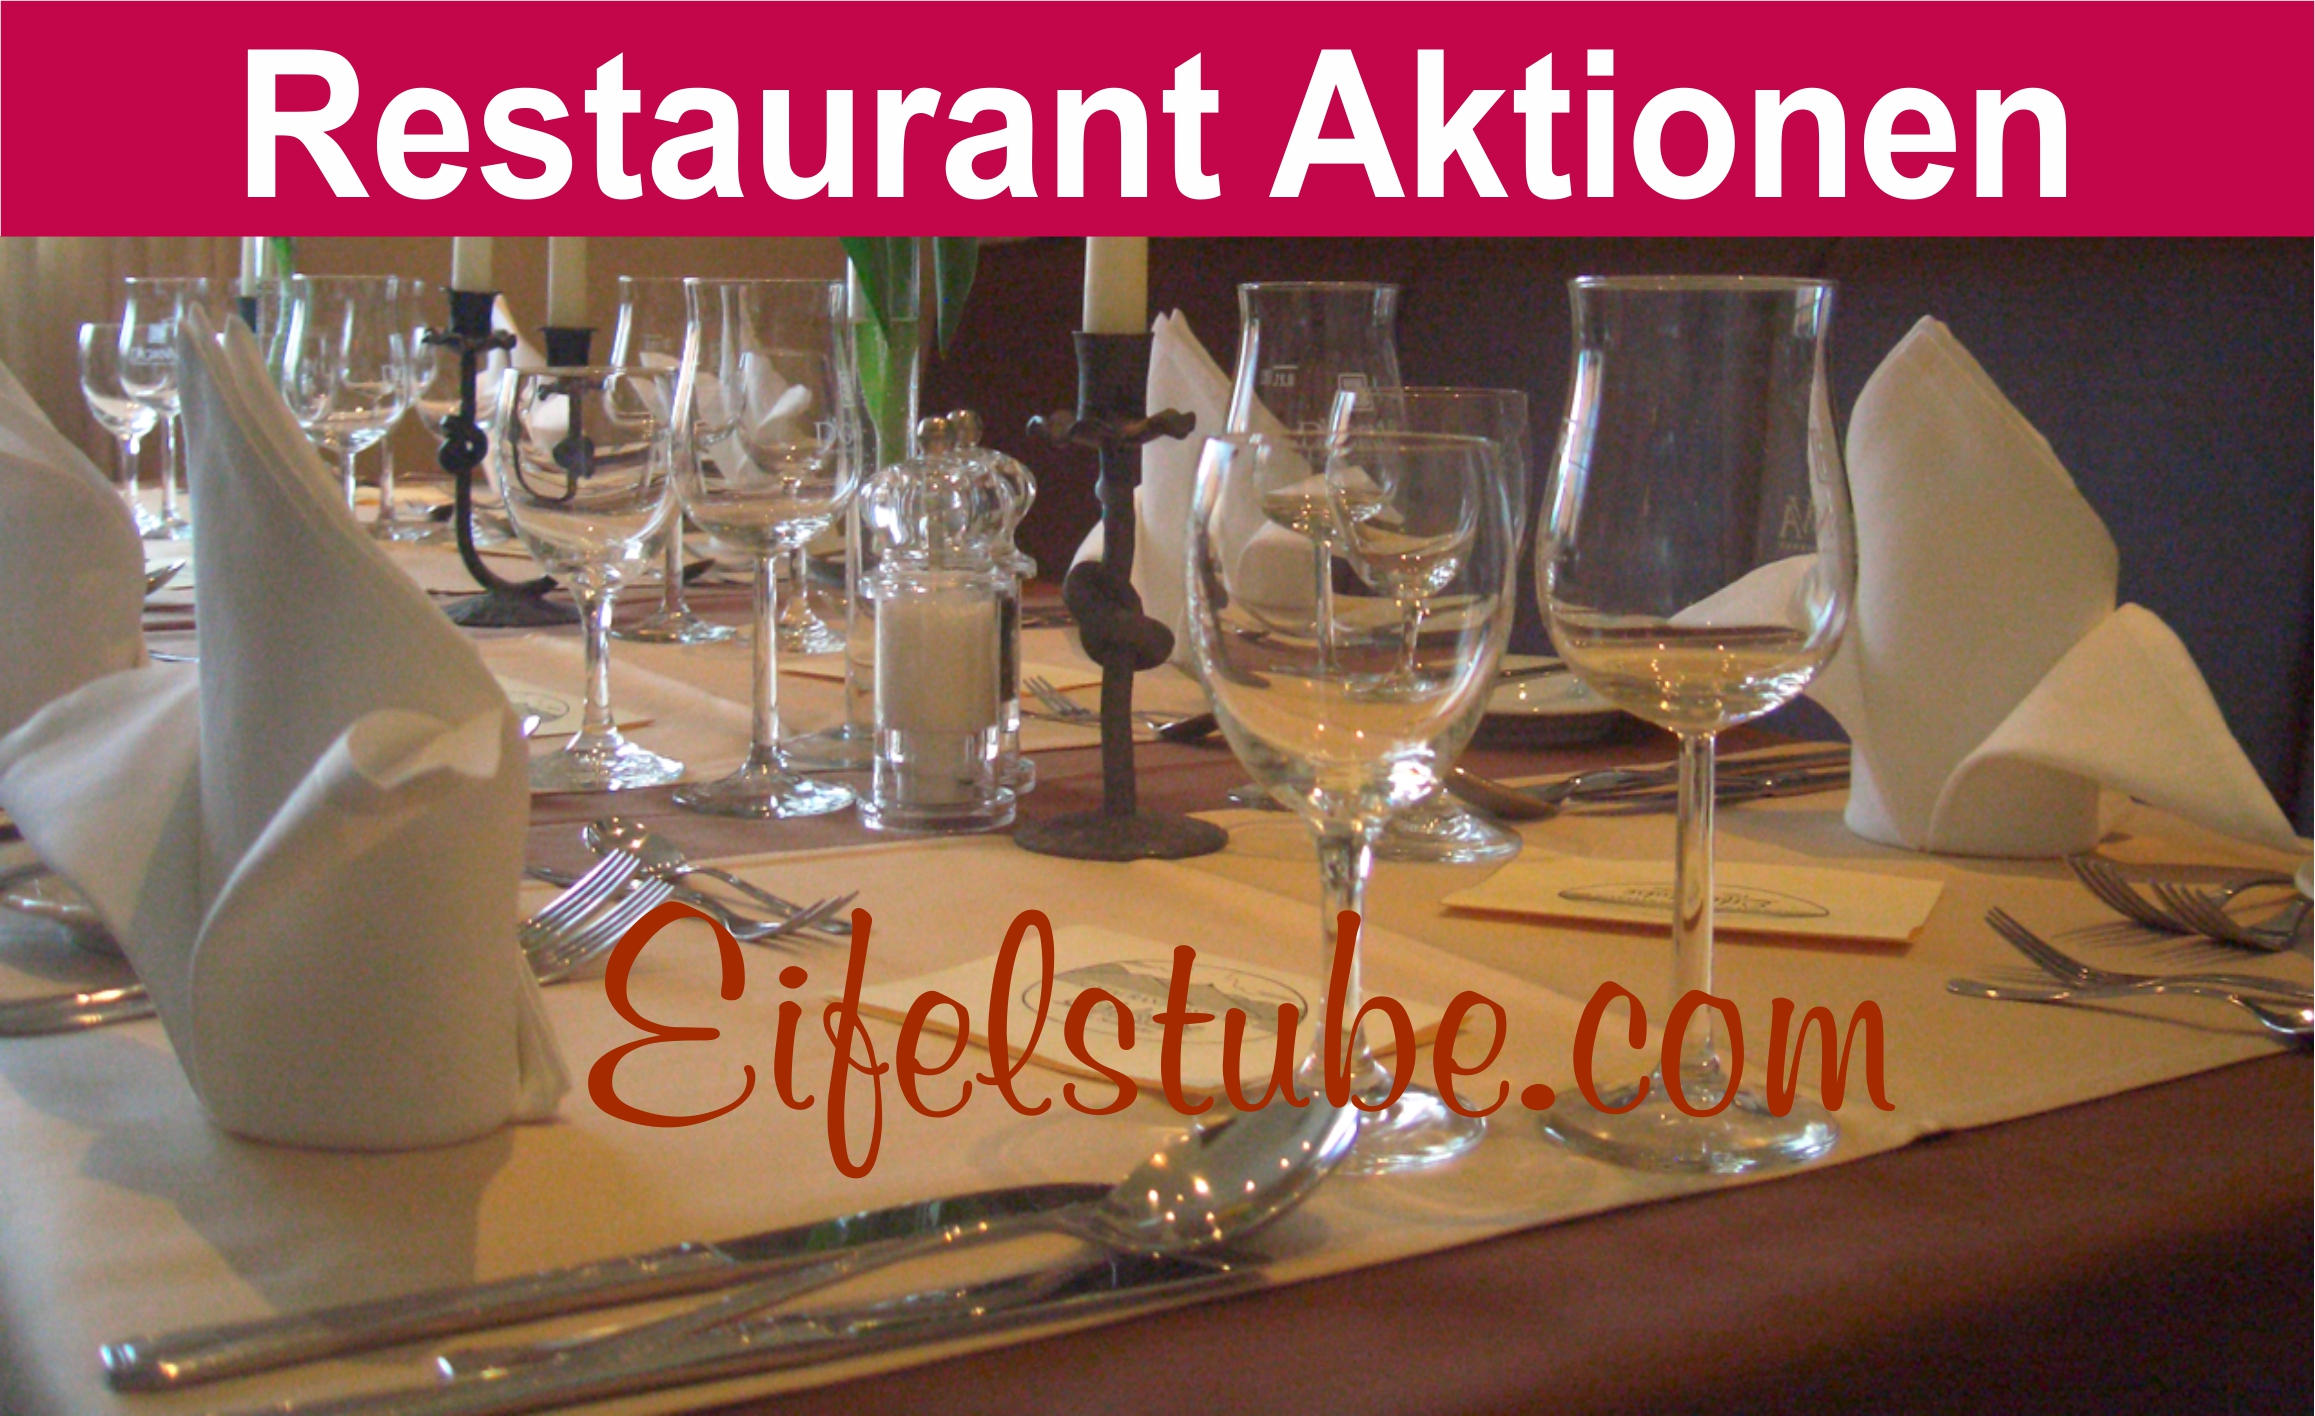 Restaurant Aktionen in der Eifel in Rodder bei Adenau hier Aktionswochen Fischessen Freundschaftsabend Vegetarische Speisen Vegan